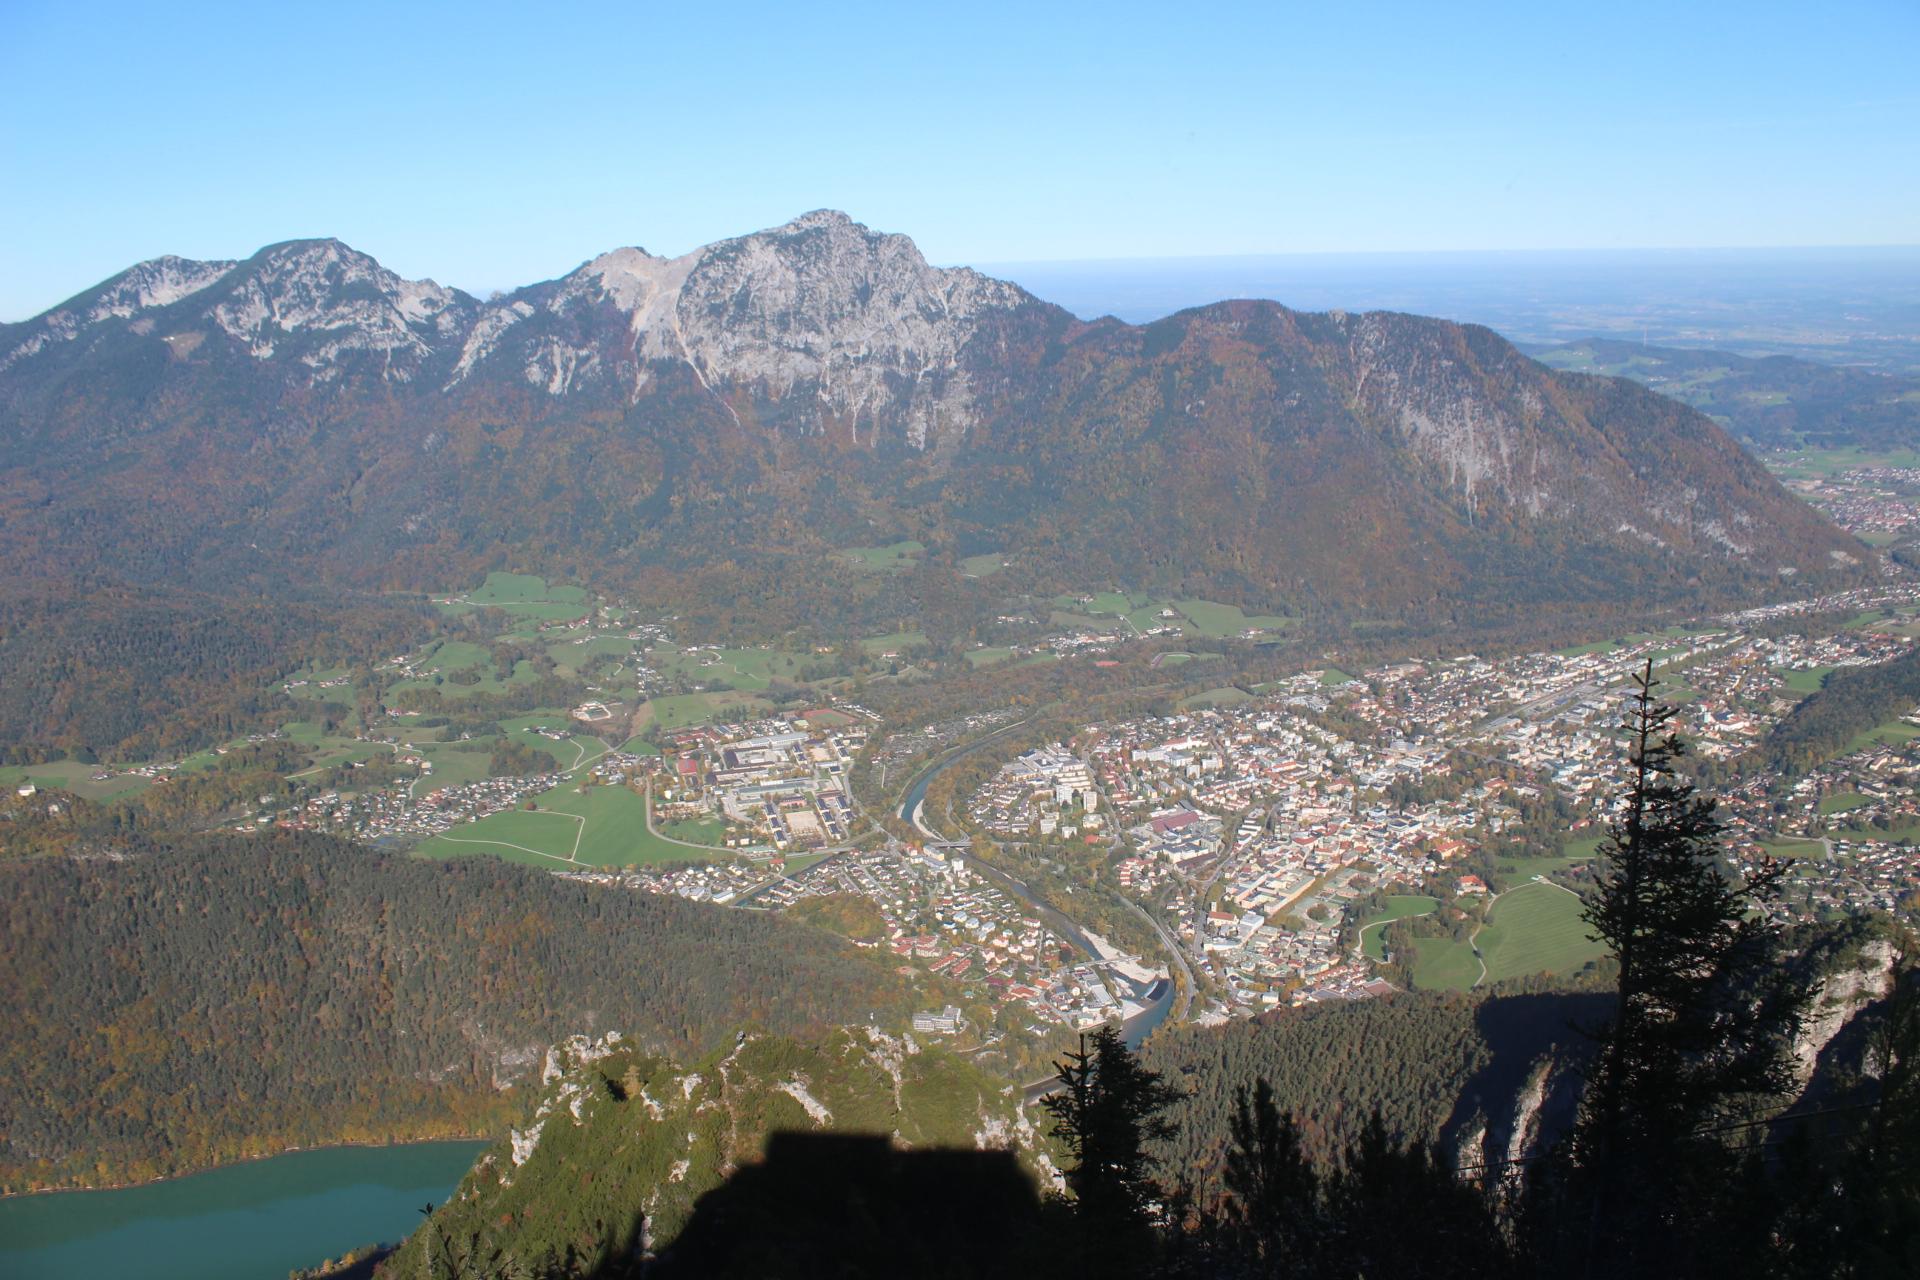 Blick von der Bergstation der Predigtstuhlbahn auf die Alpenstadt Bad Reichenhall